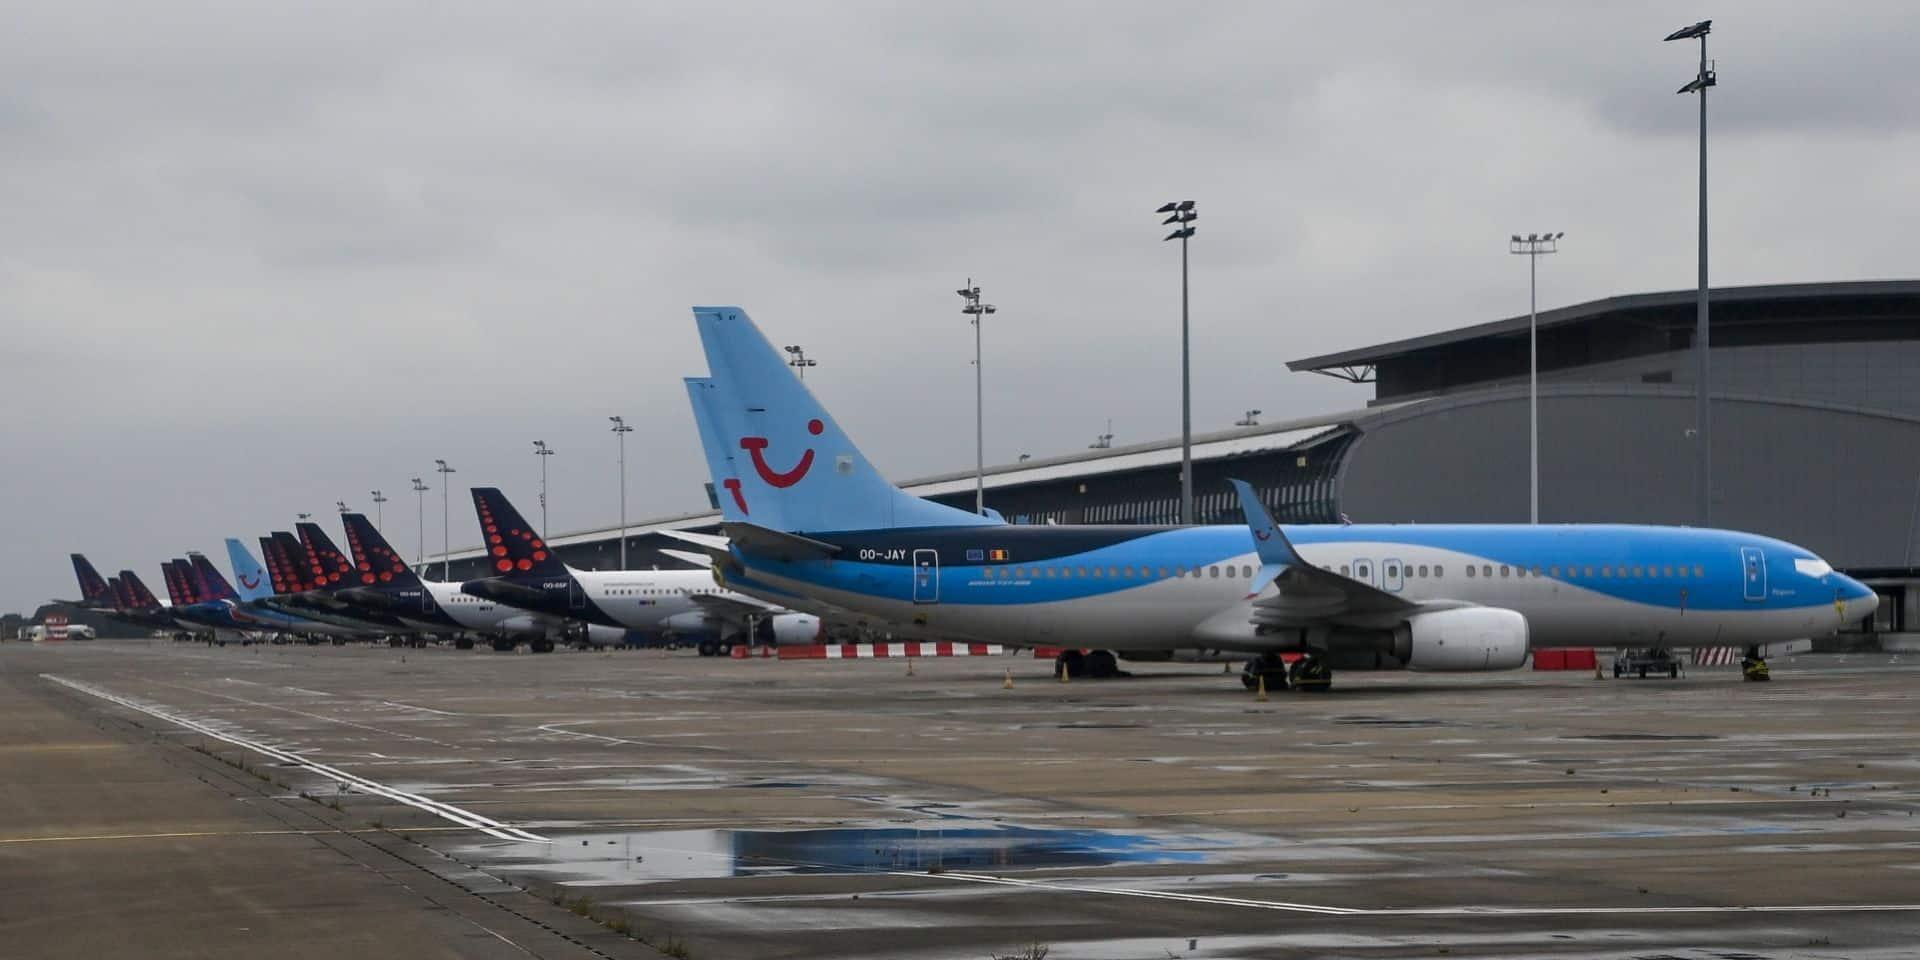 Pour la troisième fois en quelques mois, le voyagiste TUI obtient un paquet d'aides